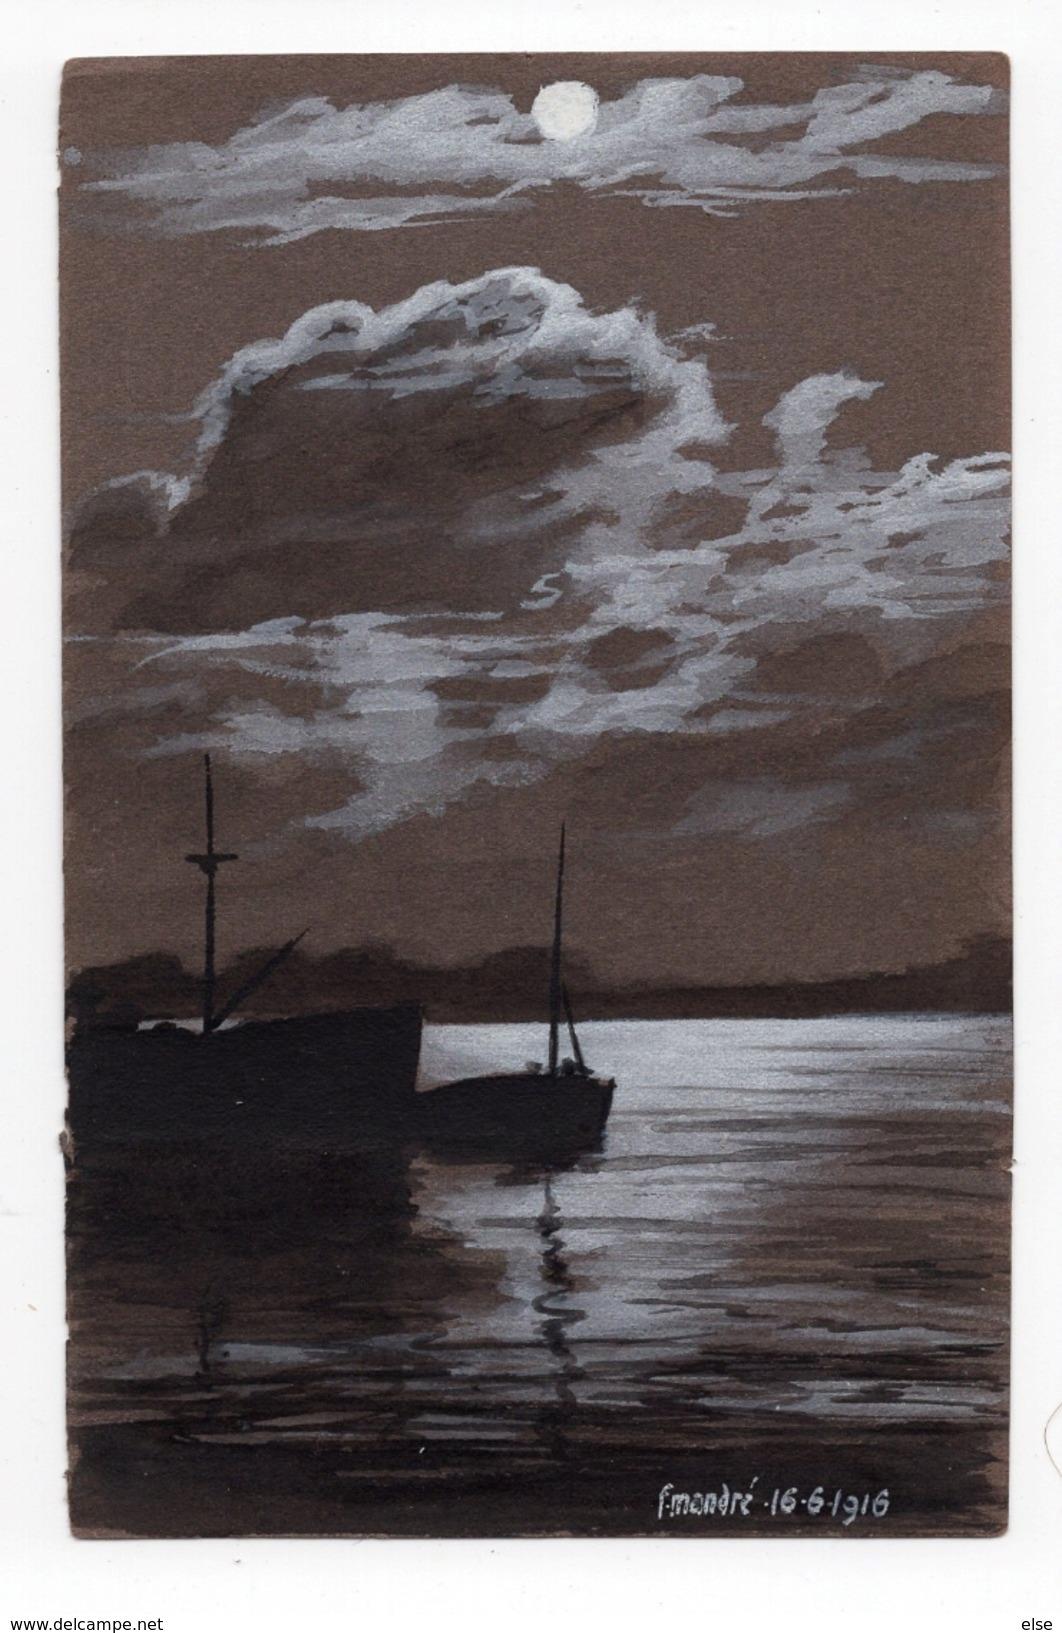 PORT BATEAUX  BORDEAUX  F  MANDRE  PASTEL - CRAIE SUR PAPIER A DESSIN FONCE 1916 FORMAT CARTE POSTALE ANCIENNE - Pastel